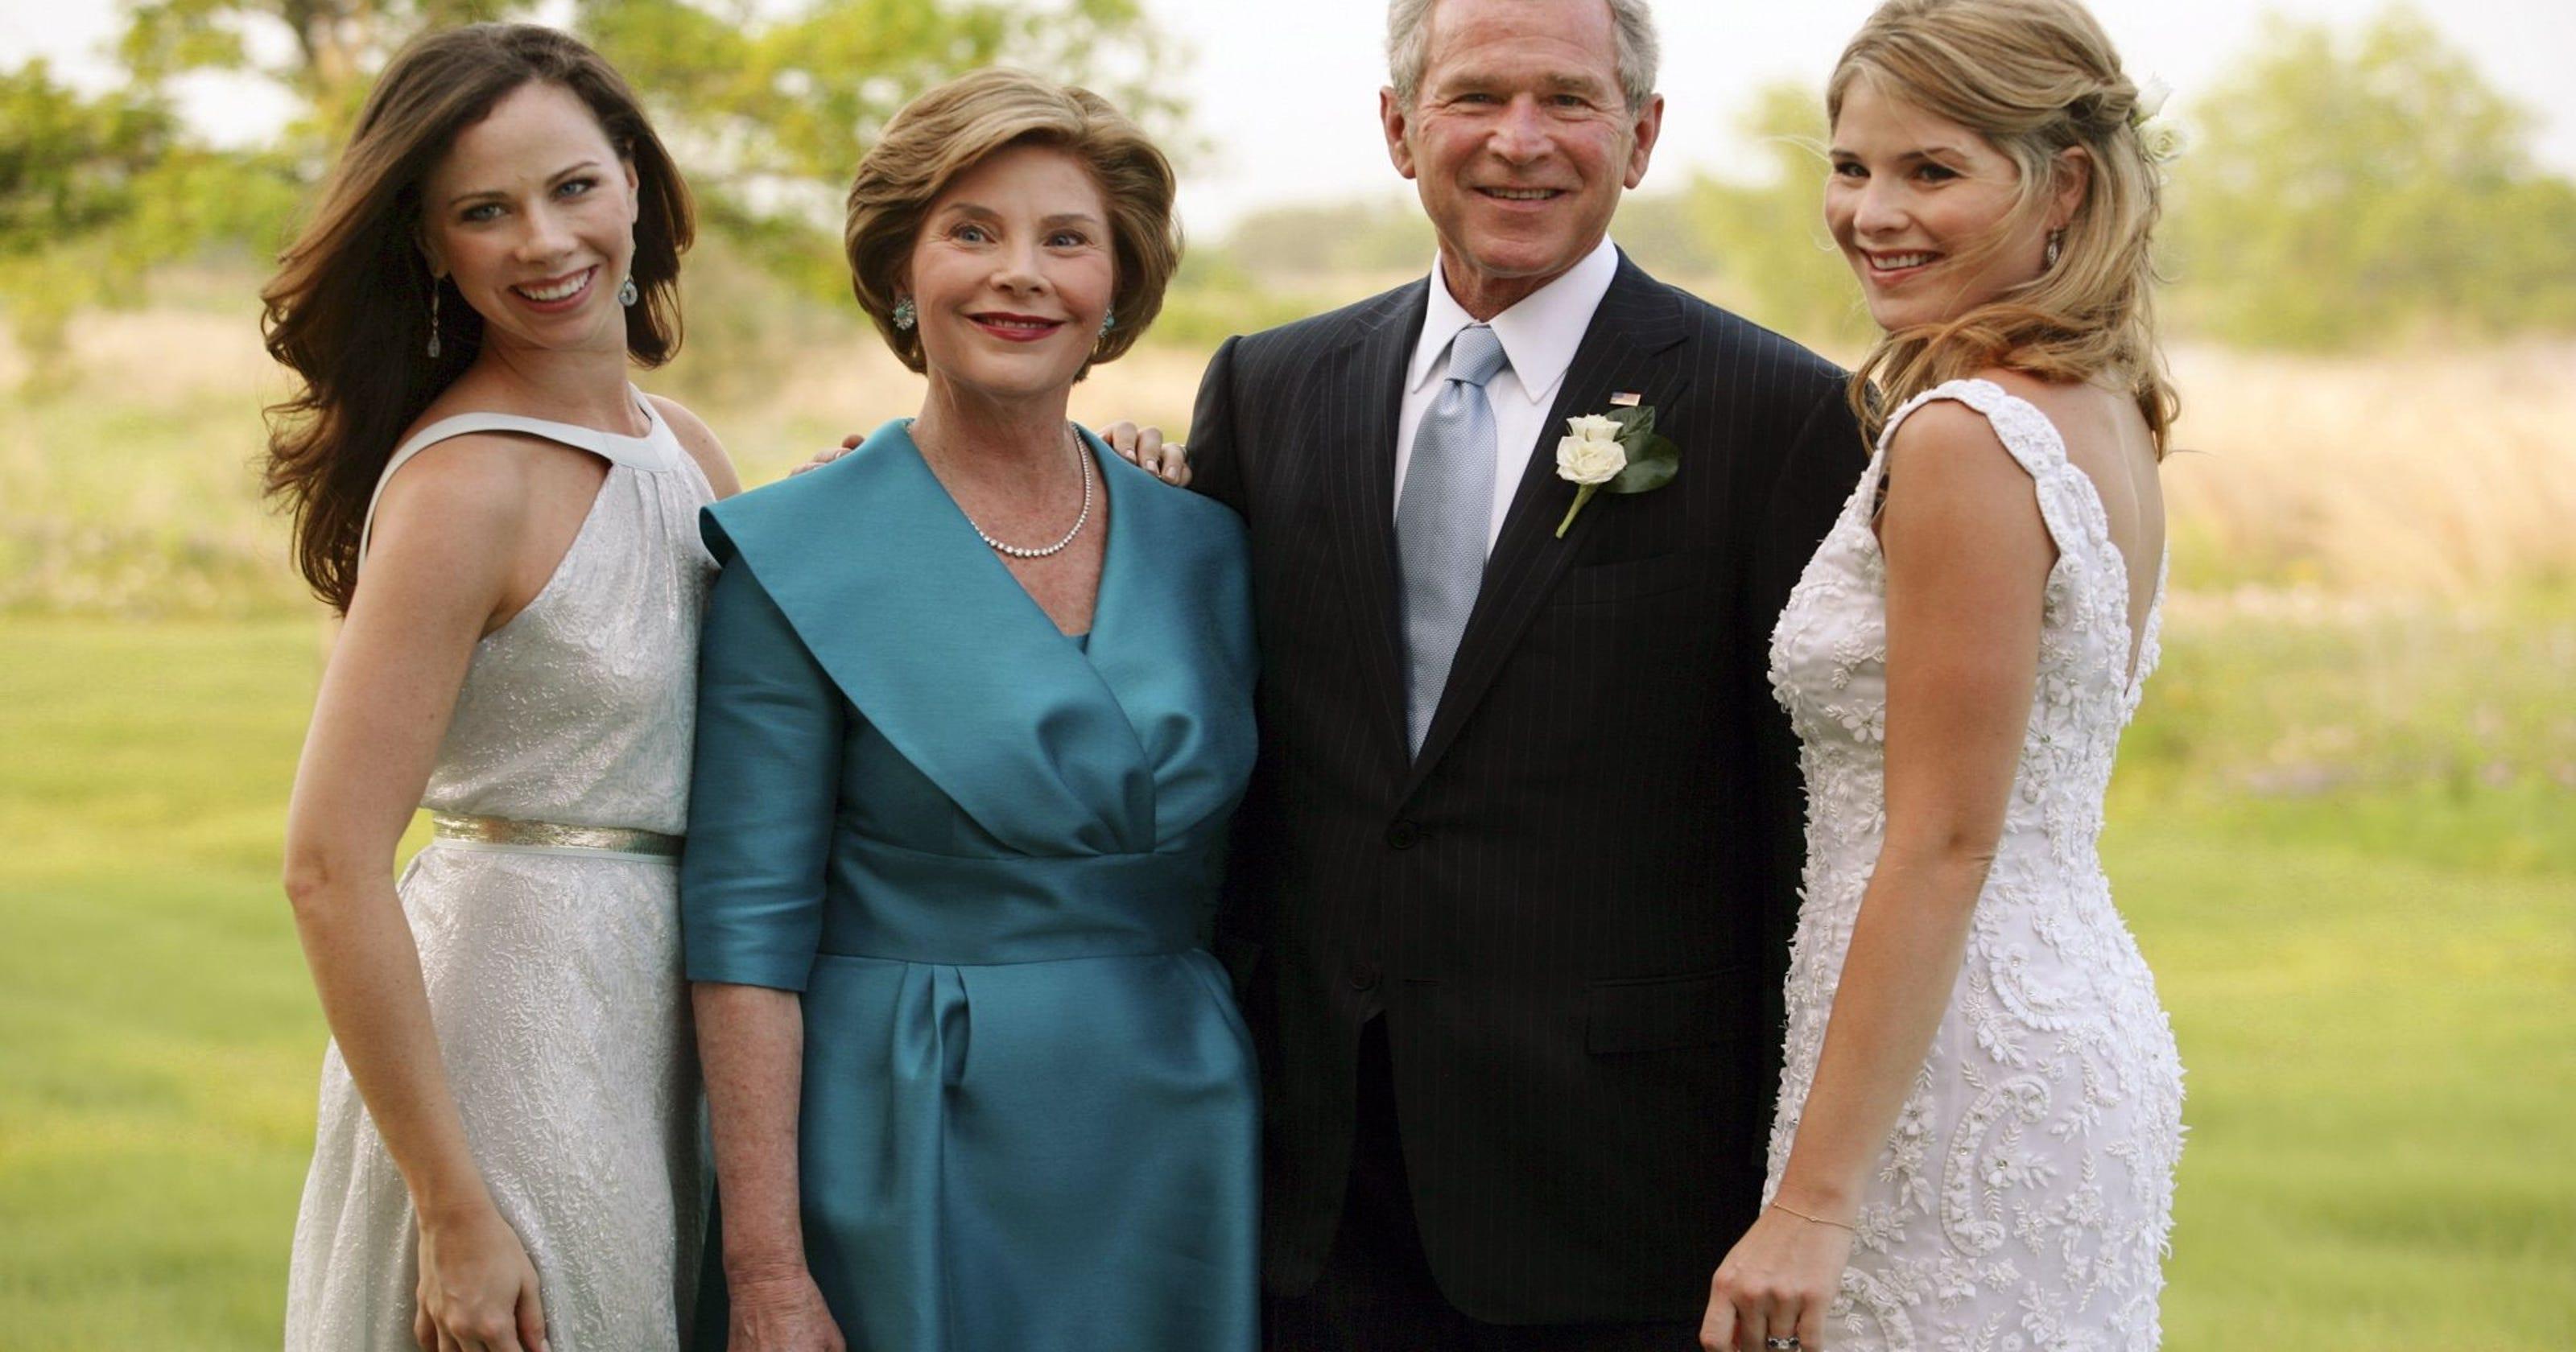 First Daughter Barbara Bush Bisexual